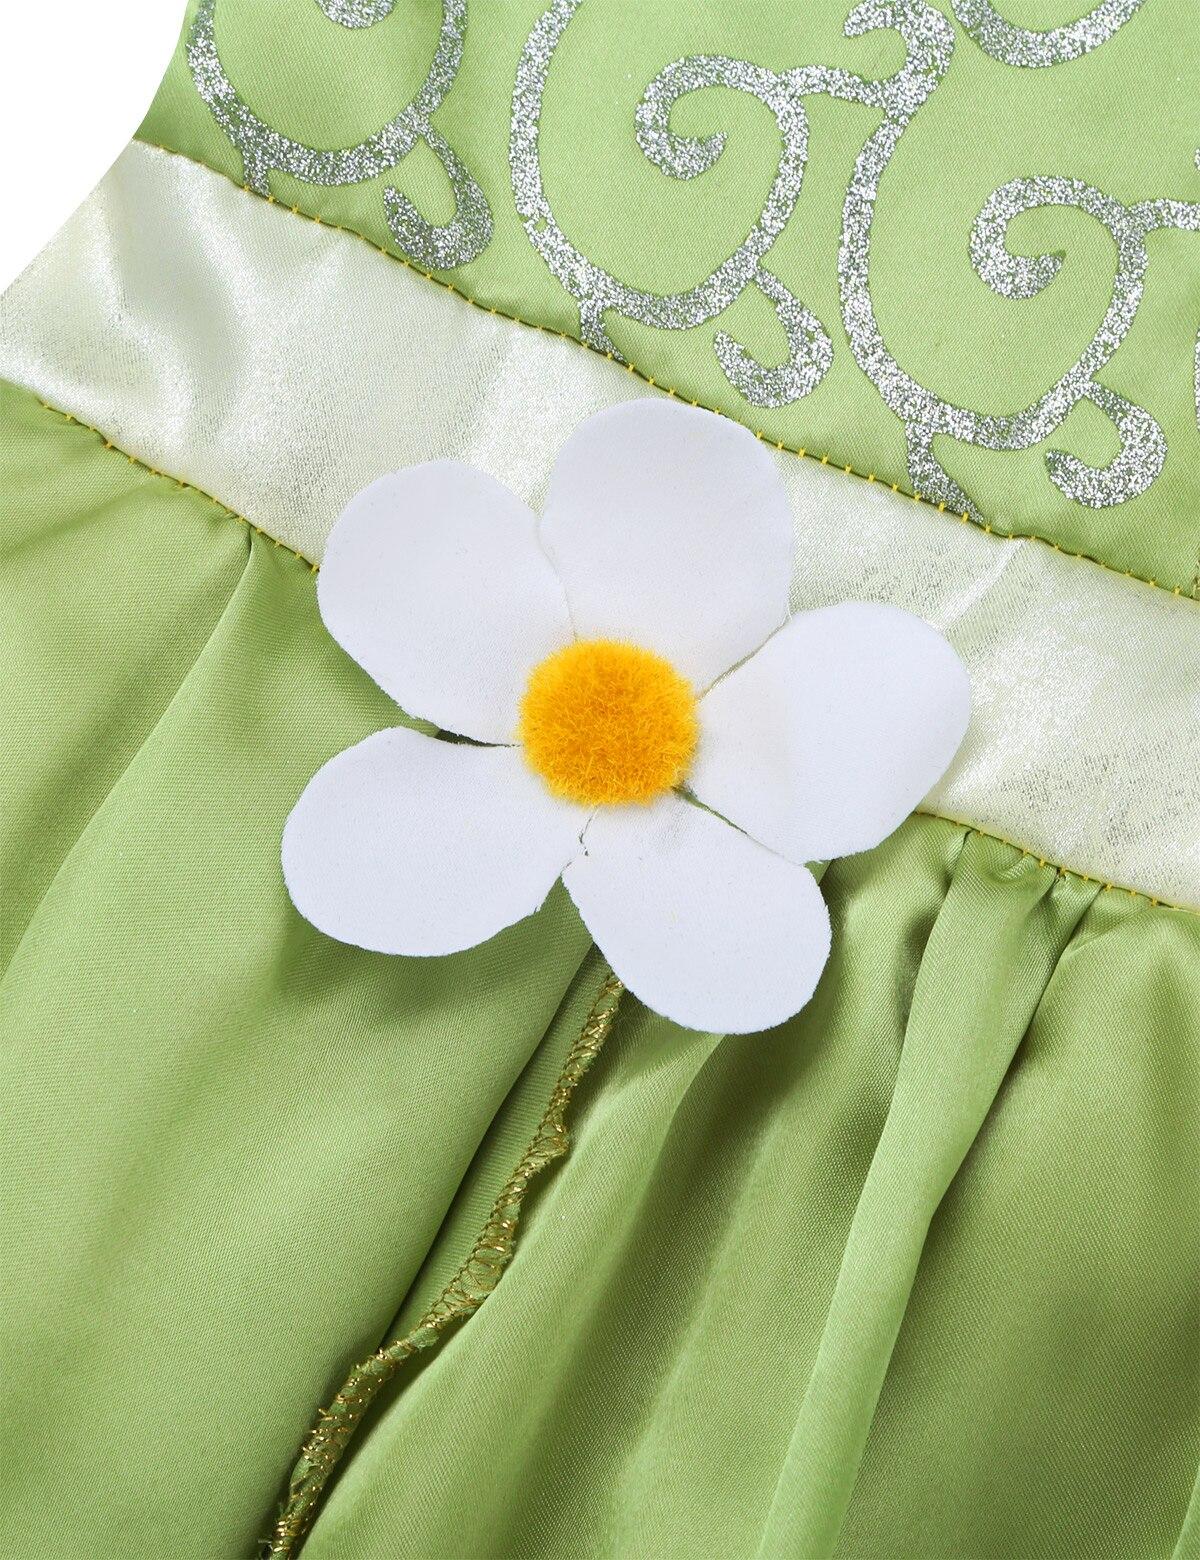 natal verde uma linha frog roupas vestido